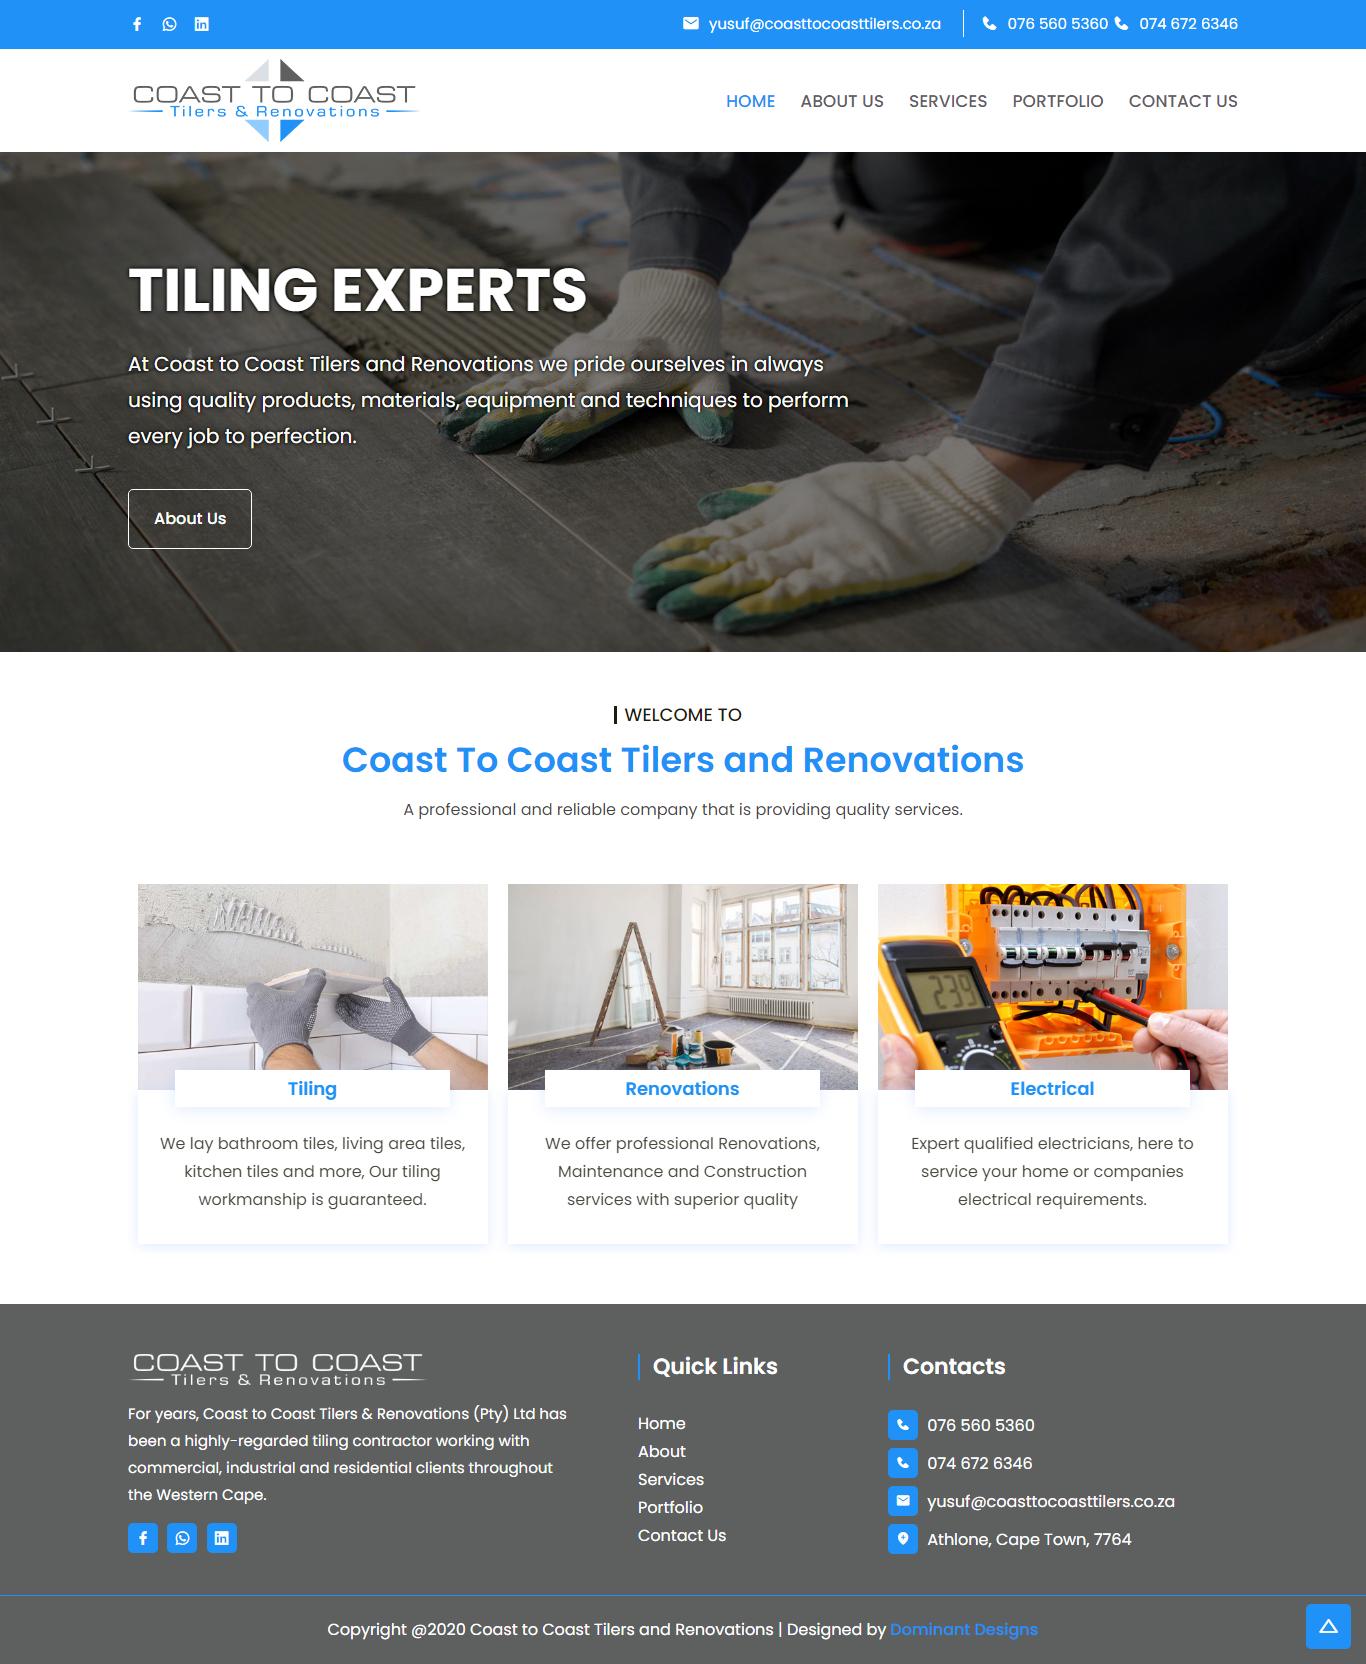 Coast To Coast Tilers Website Design